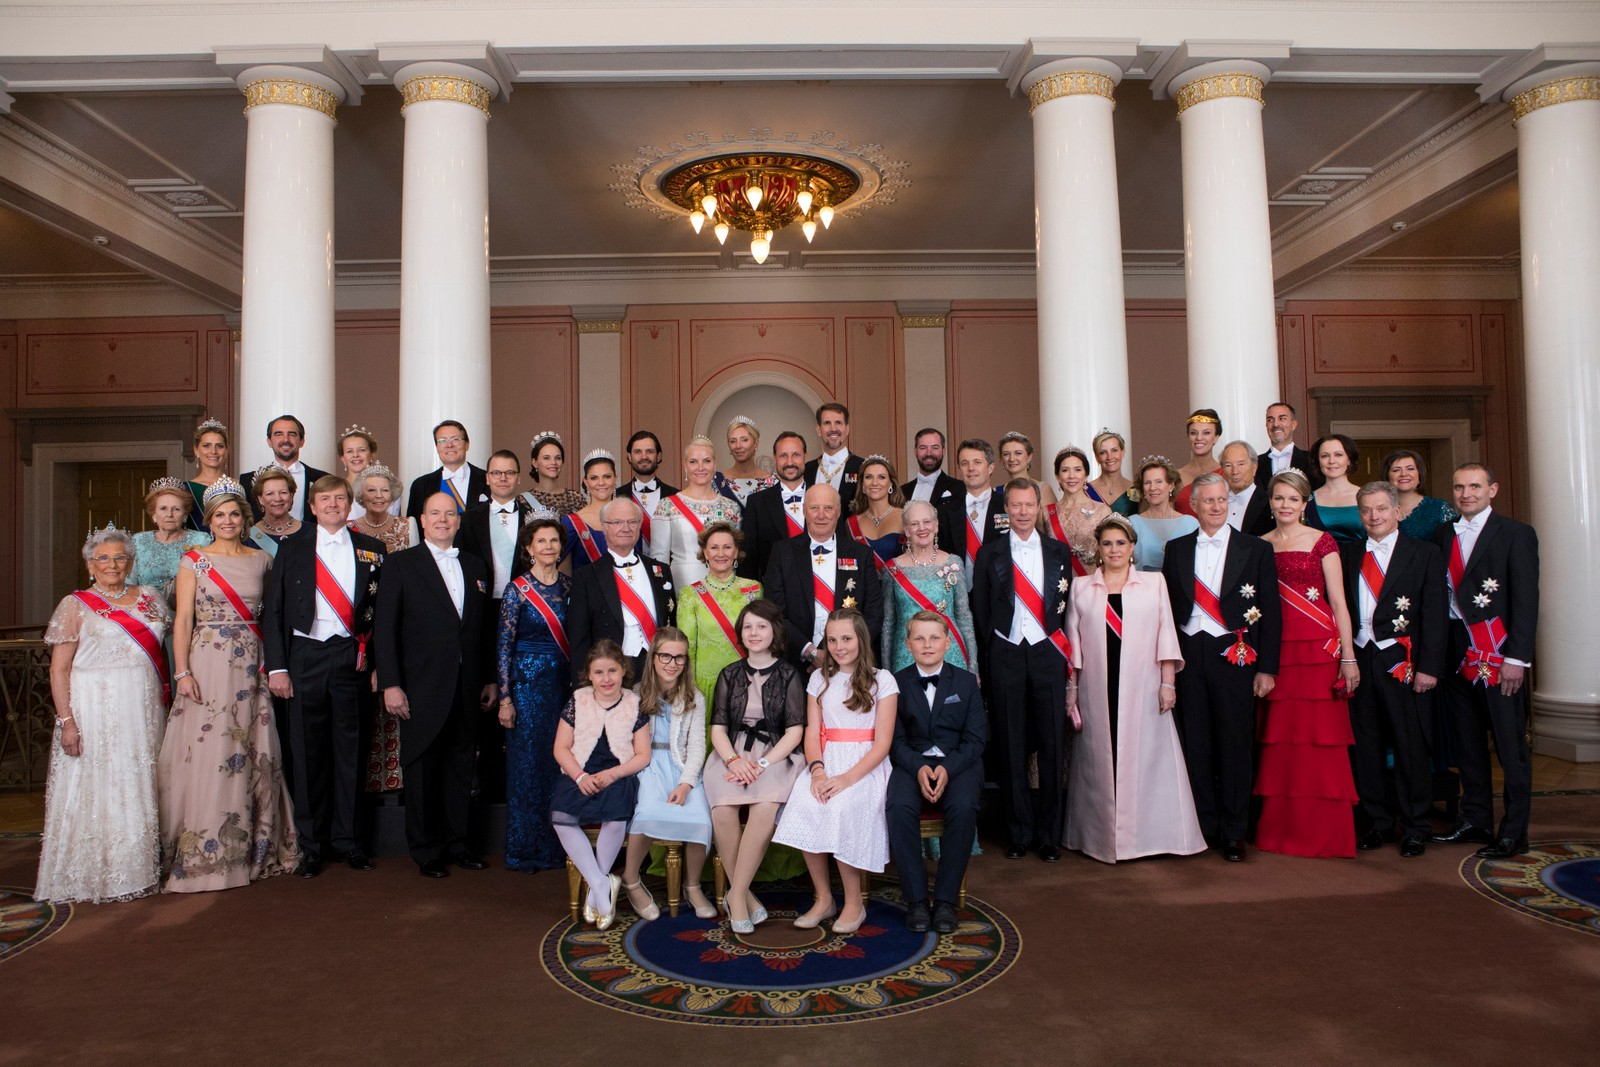 Kong Harald og droning Sonja feirer sine 80- Ârsdager. Fotografering pdet kongelige slott i Oslo Rad 4 bak f.v. H.K.H. Prinsesse Tatiana, H.K.H. Prins Nikolaos, H.K.H. Prinsesse Mabel, H.K.H. Prins Constantijn, H.K.H. Prins Constantijn, H.K.H. Prins Carl Philip, H.K.H. Kronprinsesse Marie Chanta, H.K.H. Kronprins Pavlos, H.K.H. Arvestorhertug Guillaume, H.K.H. Arvestorhertug-inne StÈphanie, H.K.H. Grevinne Sophie, Desiree Kogevinas, Carlos Euguster. Rad 3 f.v. Lady Elizabeth Shakerly, H.M. Dronning Anne Marie, H.K.H. Prinsesse Beatrix, H.K.H. Prins Daniel, H.K.H. Kronprinsesse Victoria, H.K.H. Kronprinsessen, H.K.H. Kronprinsen, Prinsesse M‰rtha Louise, H.K.H. Kronprins Frederik, H.K.H. Kronprinsesse Mary, Madeleiene Bernadotte Kogevinas, Bernhard Mach, Jenni Haukio . Rad 2 f.v.  Prinsesse Astrid, fru Ferner, H.M. Dronning Maxima, H.M. Kong Willem Alexander, H.F.H. Fyrstinne Charlene, H.F.H. Fyrst Albert, H.M. Dronning Silvia, H.M. Kong Carl Gustaf, H.M. Dronningen, H.M. Kongen, H.M. Dronning Margrethe, H.K.H. Storhertug Henri, H.K.H. Storhertuginne Maria Teresa, H.M. Kong Phillippe, H.M. Dronning Mathilde, H.E. Finlands President, H.E. Islands President. Rad 1 f.v. Emma Tallulah Behn, Leah Isadora Behn, Maud Angelica Behn, H.K.H. Prinsesse Ingrid Alexandra, Prins Sverre Magnus. Kong Harald og droning Sonja feirer sine 80- Ârsdager. Fotografering pdet kongelige slott i Oslo Rad 4 bak f.v. H.K.H. Prinsesse Tatiana, H.K.H. Prins Nikolaos, H.K.H. Prinsesse Mabel, H.K.H. Prins Constantijn, H.K.H. Prins Constantijn, H.K.H. Prins Carl Philip, H.K.H. Kronprinsesse Marie Chanta, H.K.H. Kronprins Pavlos, H.K.H. Arvestorhertug Guillaume, H.K.H. Arvestorhertug-inne StÈphanie, H.K.H. Grevinne Sophie, Desiree Kogevinas, Carlos Euguster. Rad 3 f.v. Lady Elizabeth Shakerly, H.M. Dronning Anne Marie, H.K.H. Prinsesse Beatrix, H.K.H. Prins Daniel, H.K.H. Kronprinsesse Victoria, H.K.H. Kronprinsessen, H.K.H. Kronprinsen, Prinsesse M‰rtha Louise, H.K.H. Kronprins Frederik, H.K.H. Kron